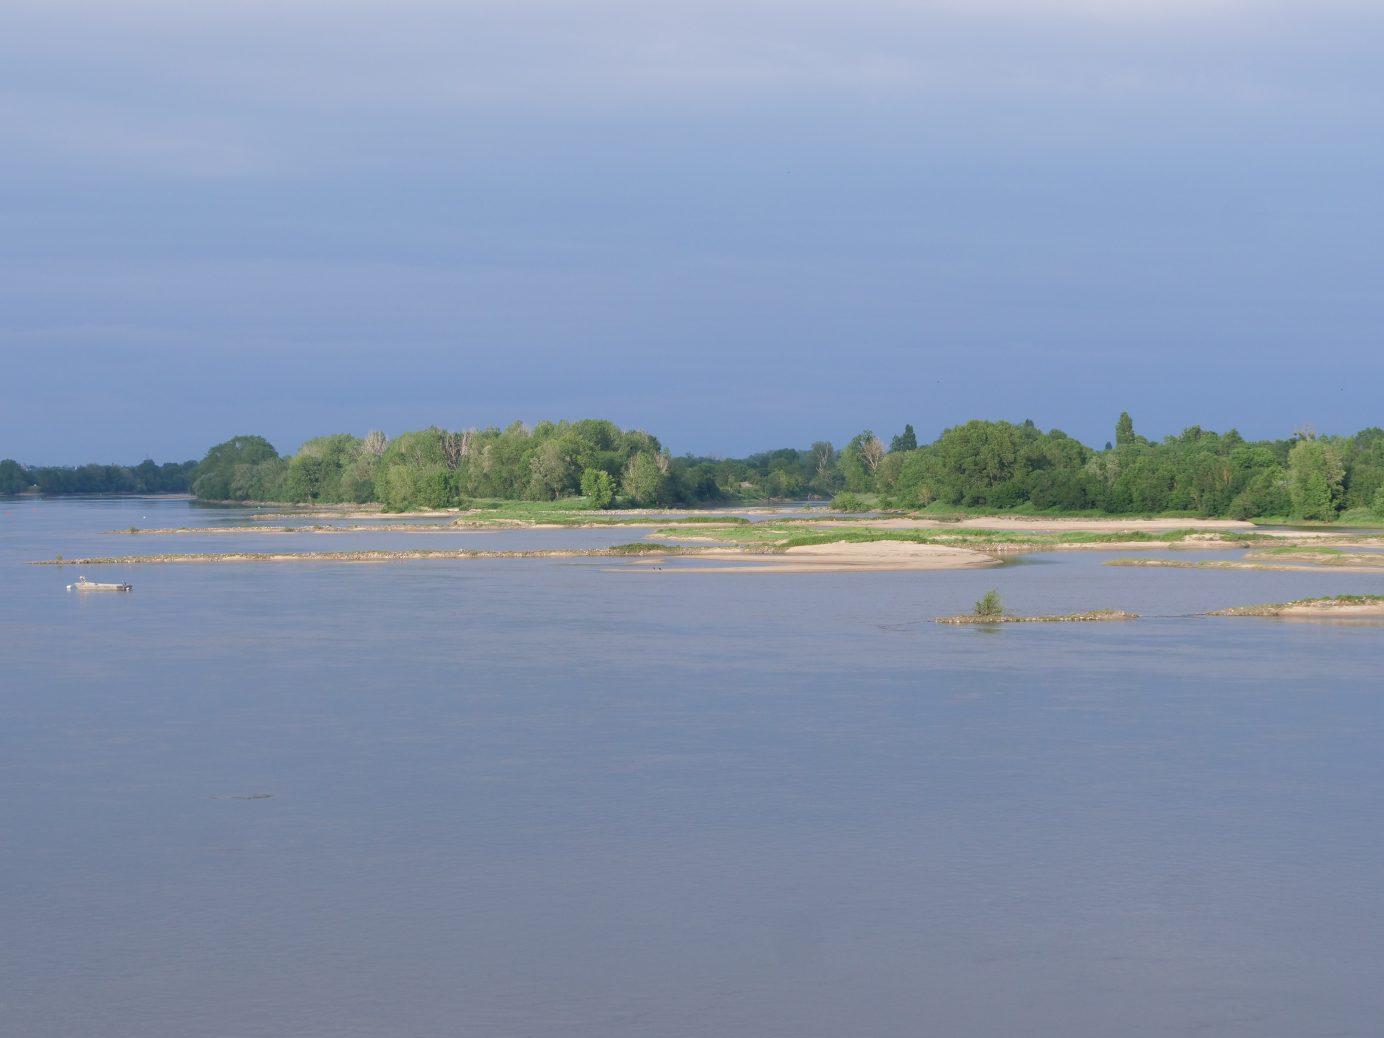 Les rives sablonneuses de la Loire vue depuis le pont d'Ancenis